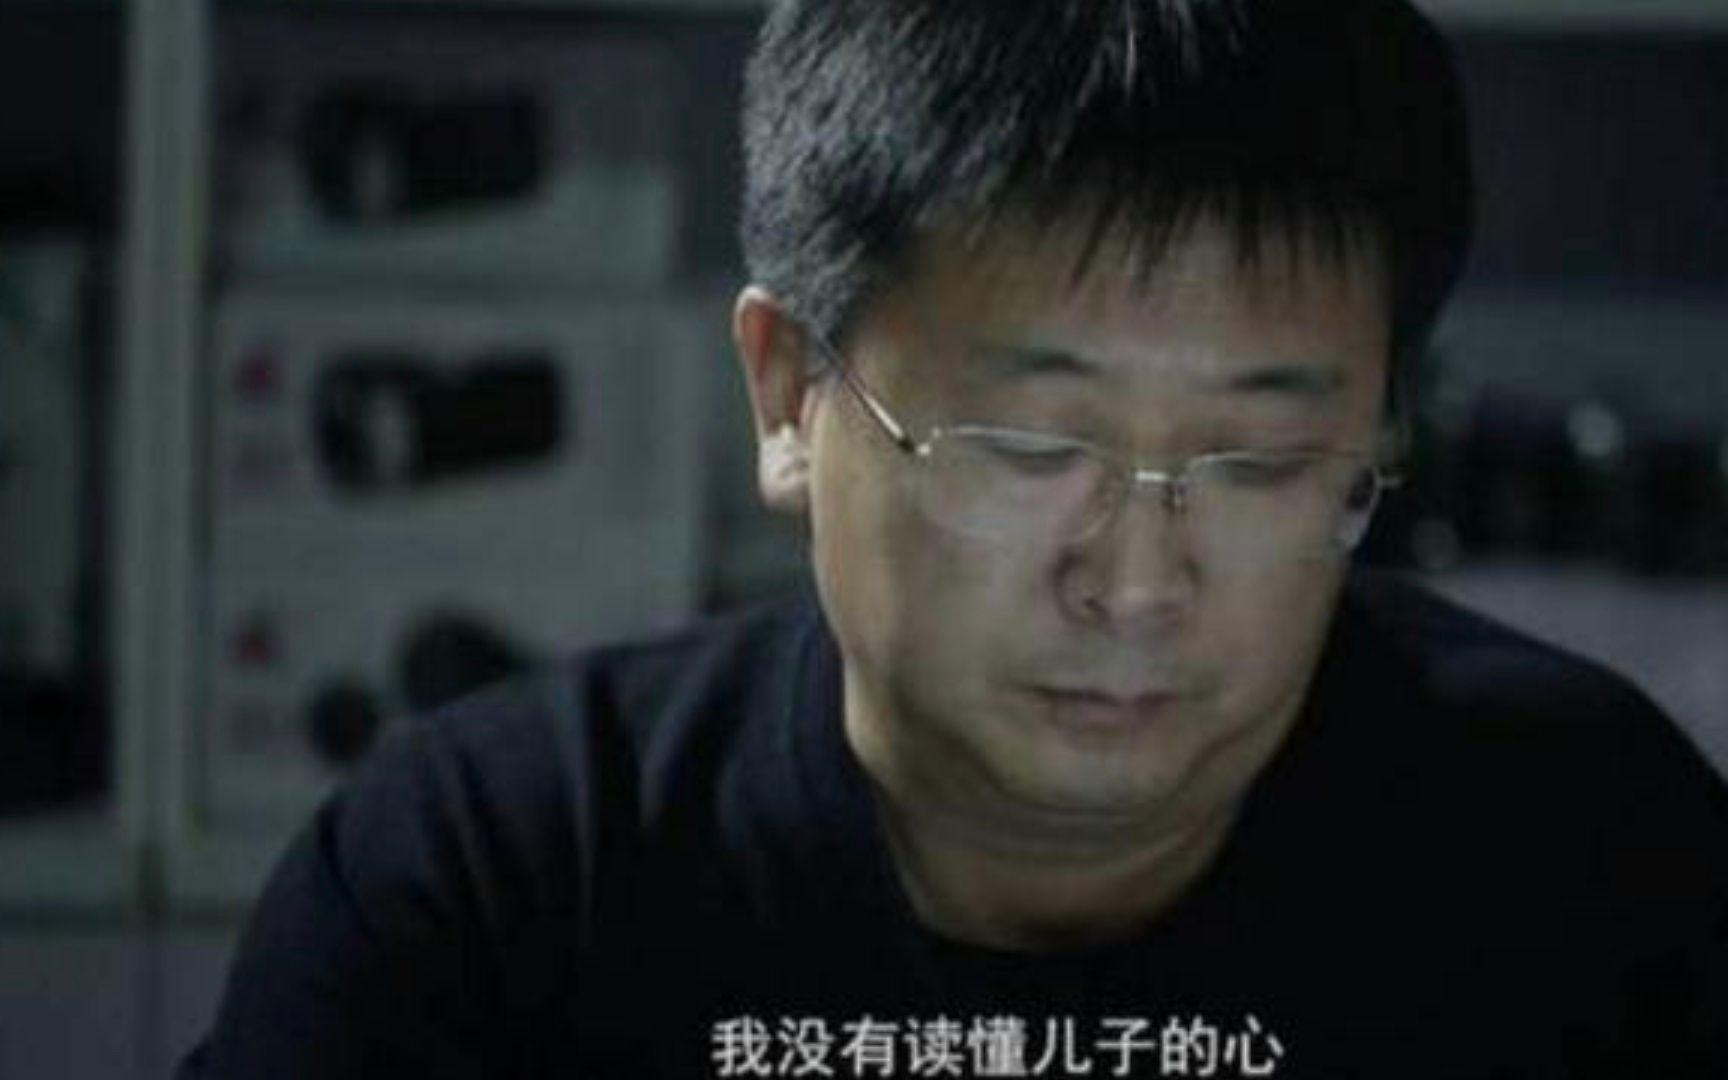 这就是典型的中国家庭,孩子叛逆就都是他的错吗?父母值得一看!